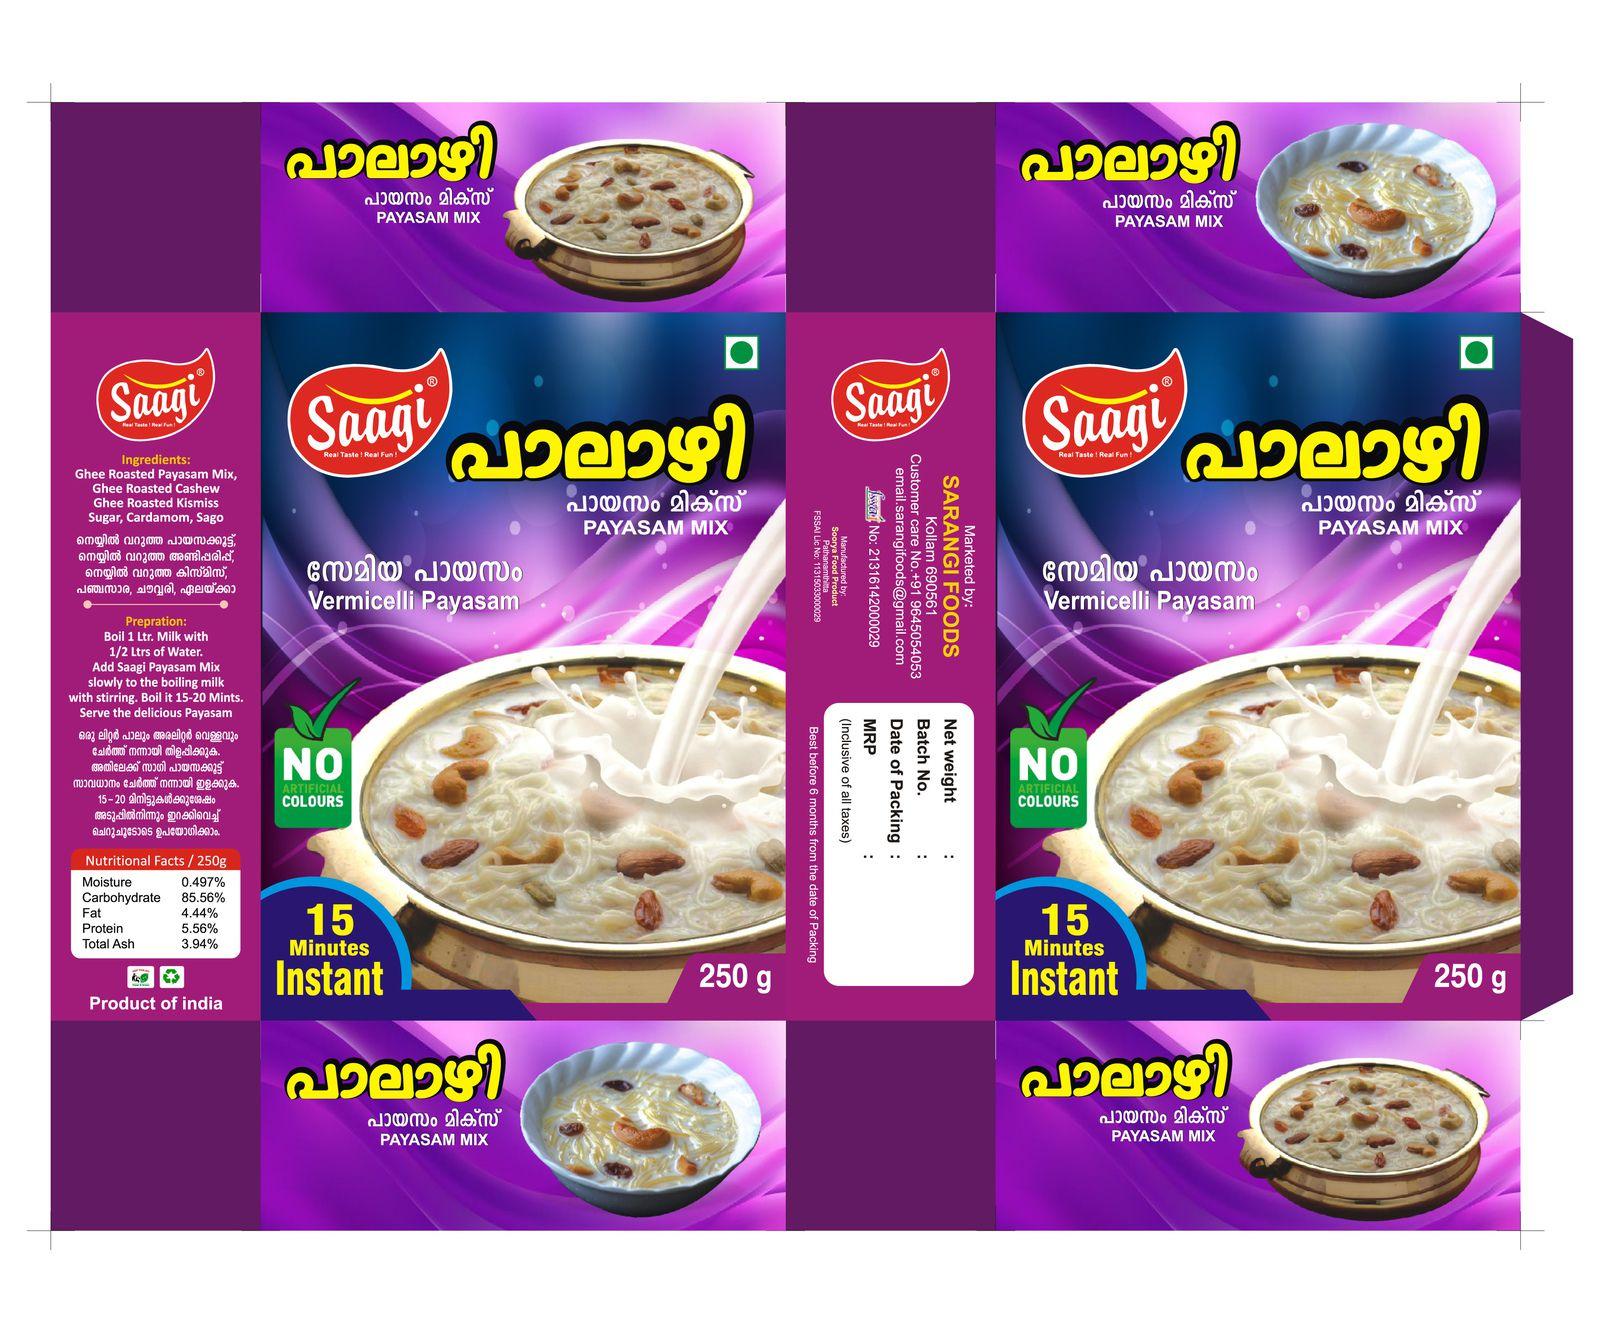 Saagi Payasam Mix_ Packet Deisgn